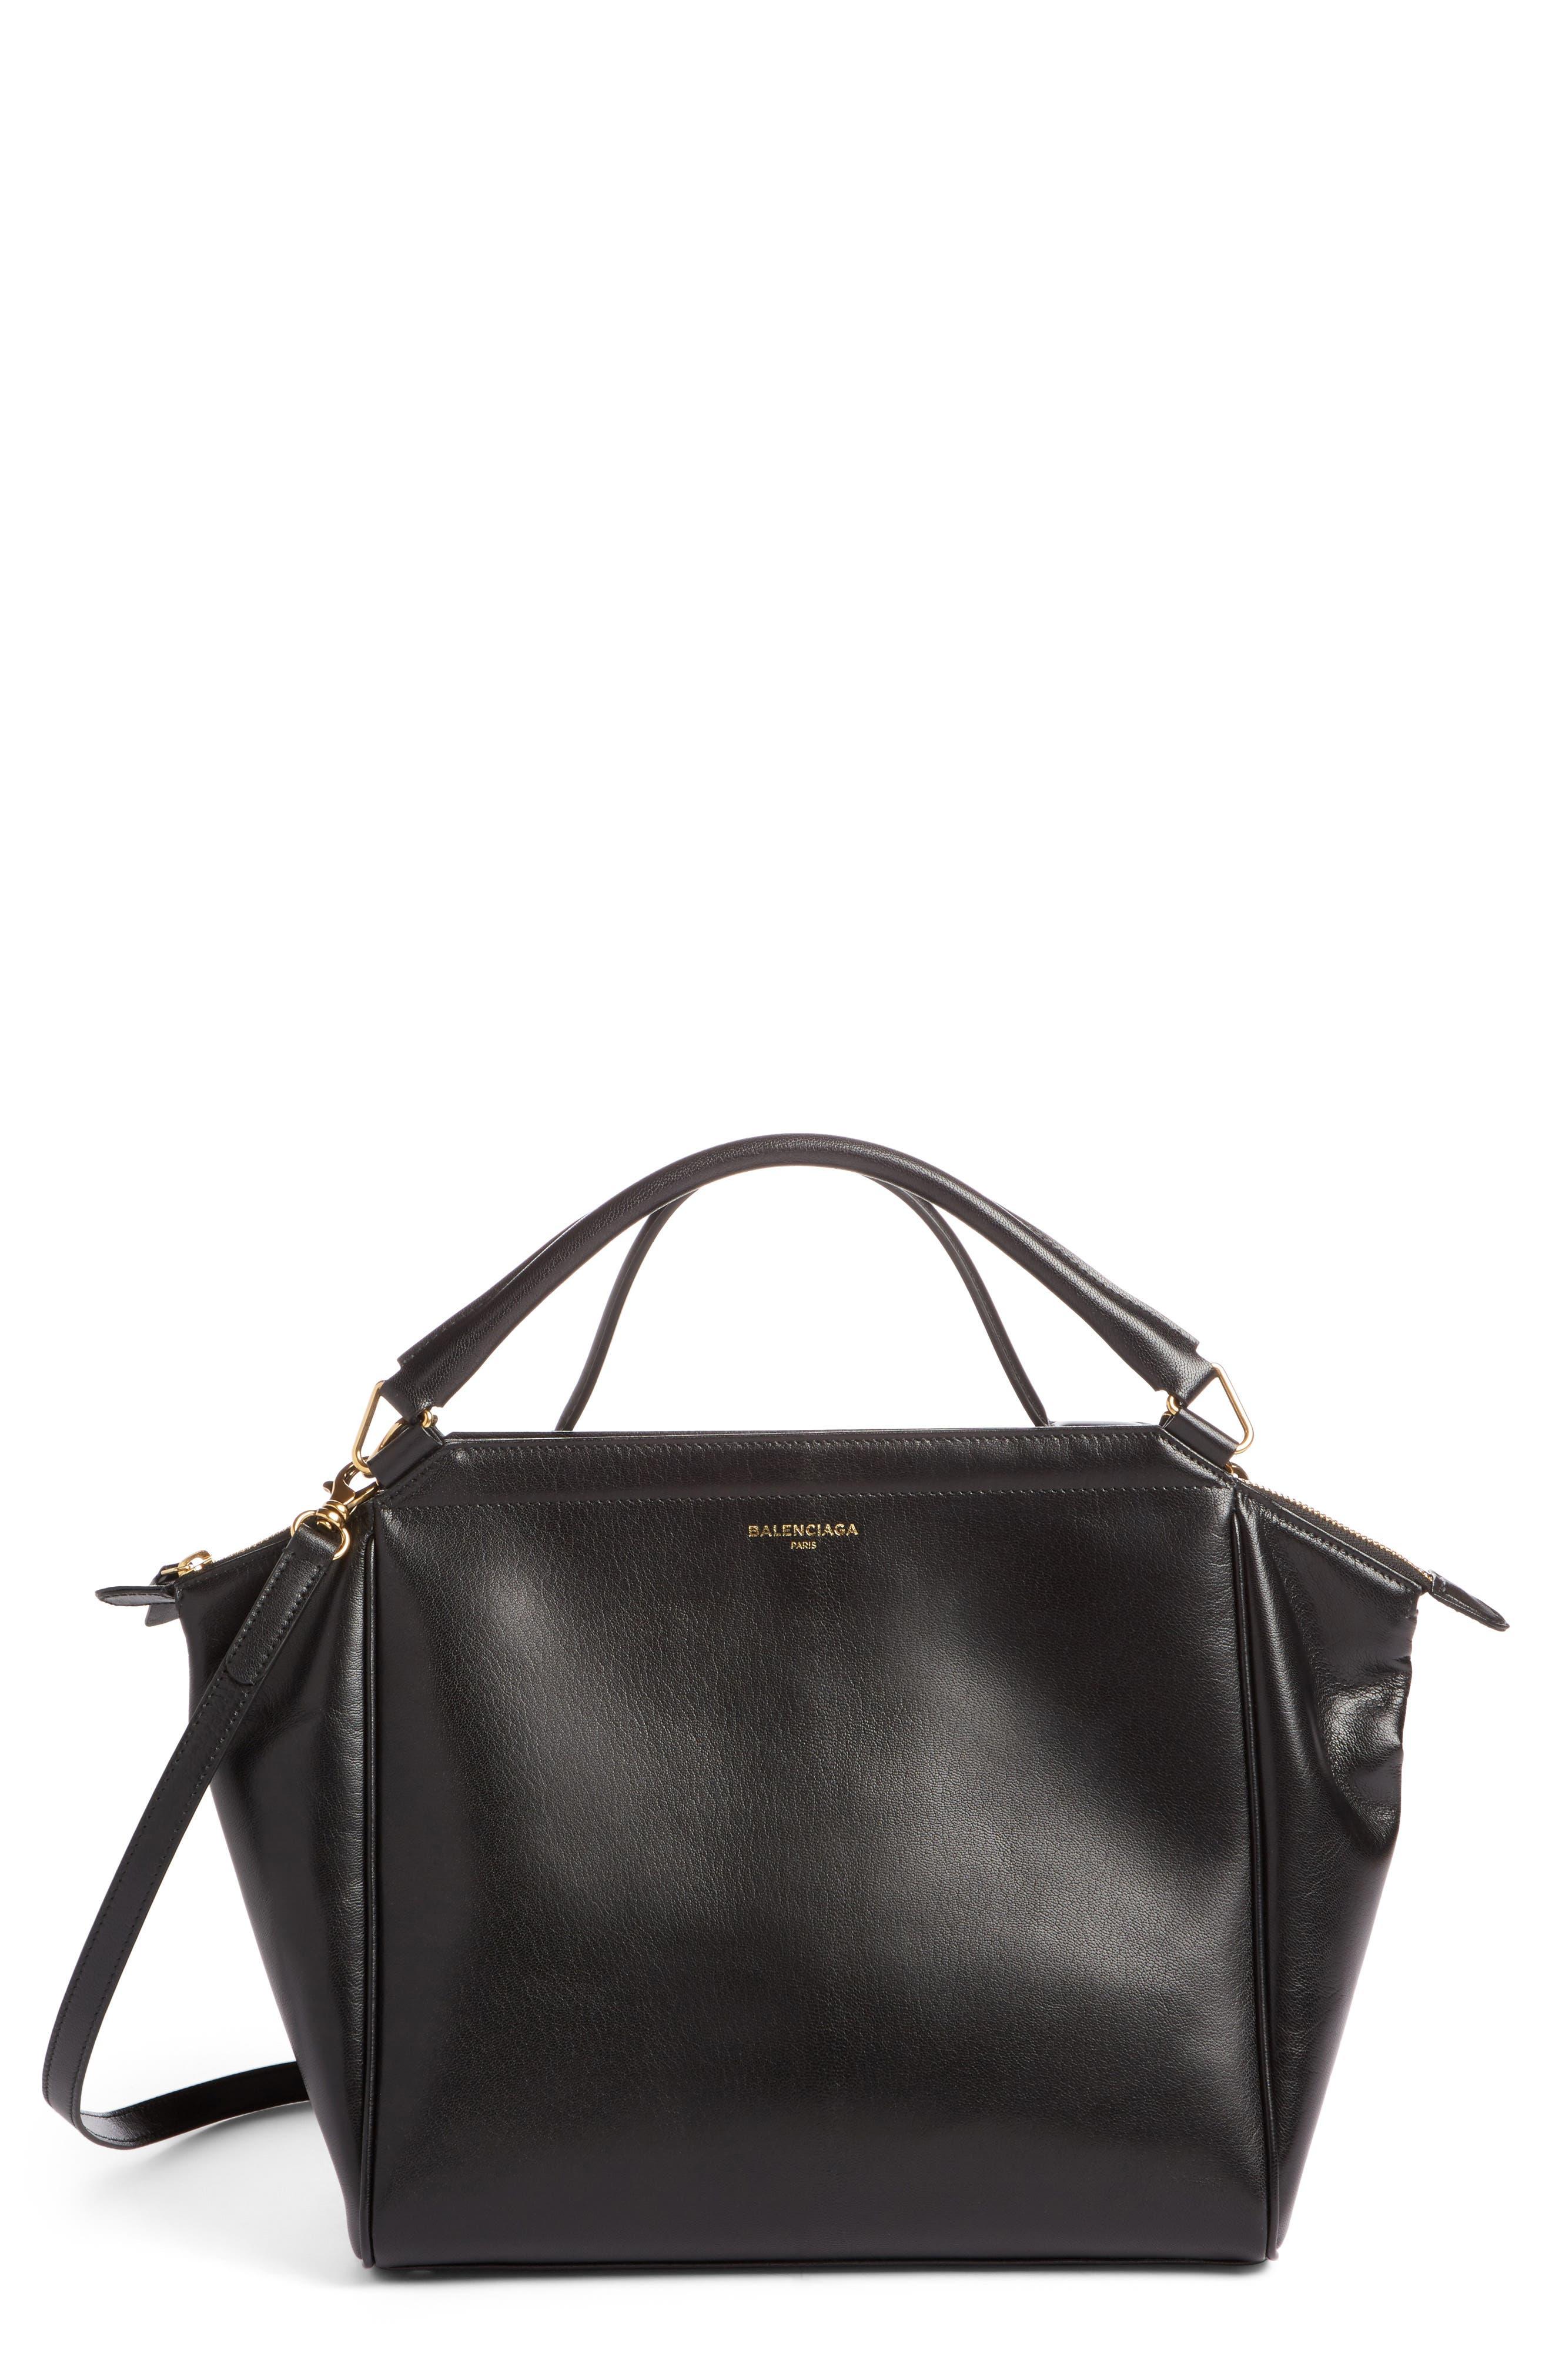 Balenciaga Collage Double Calfskin Leather Bag